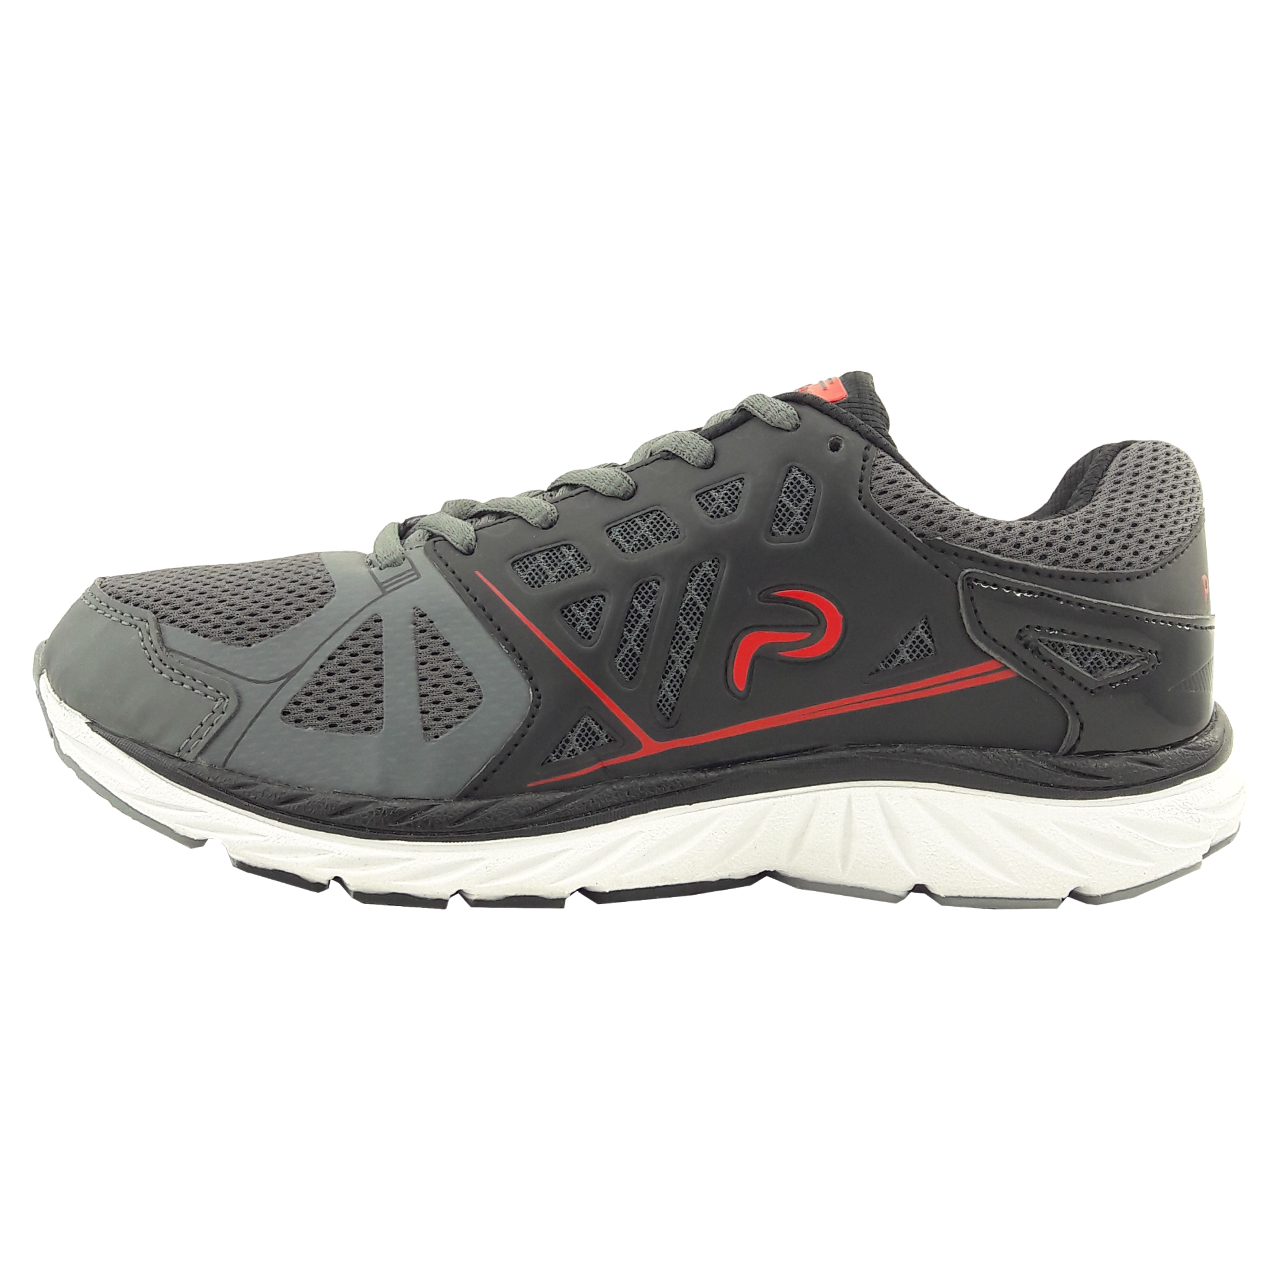 کفش مخصوص دویدن مردانه پادوز مدل Victoria gry.rd01